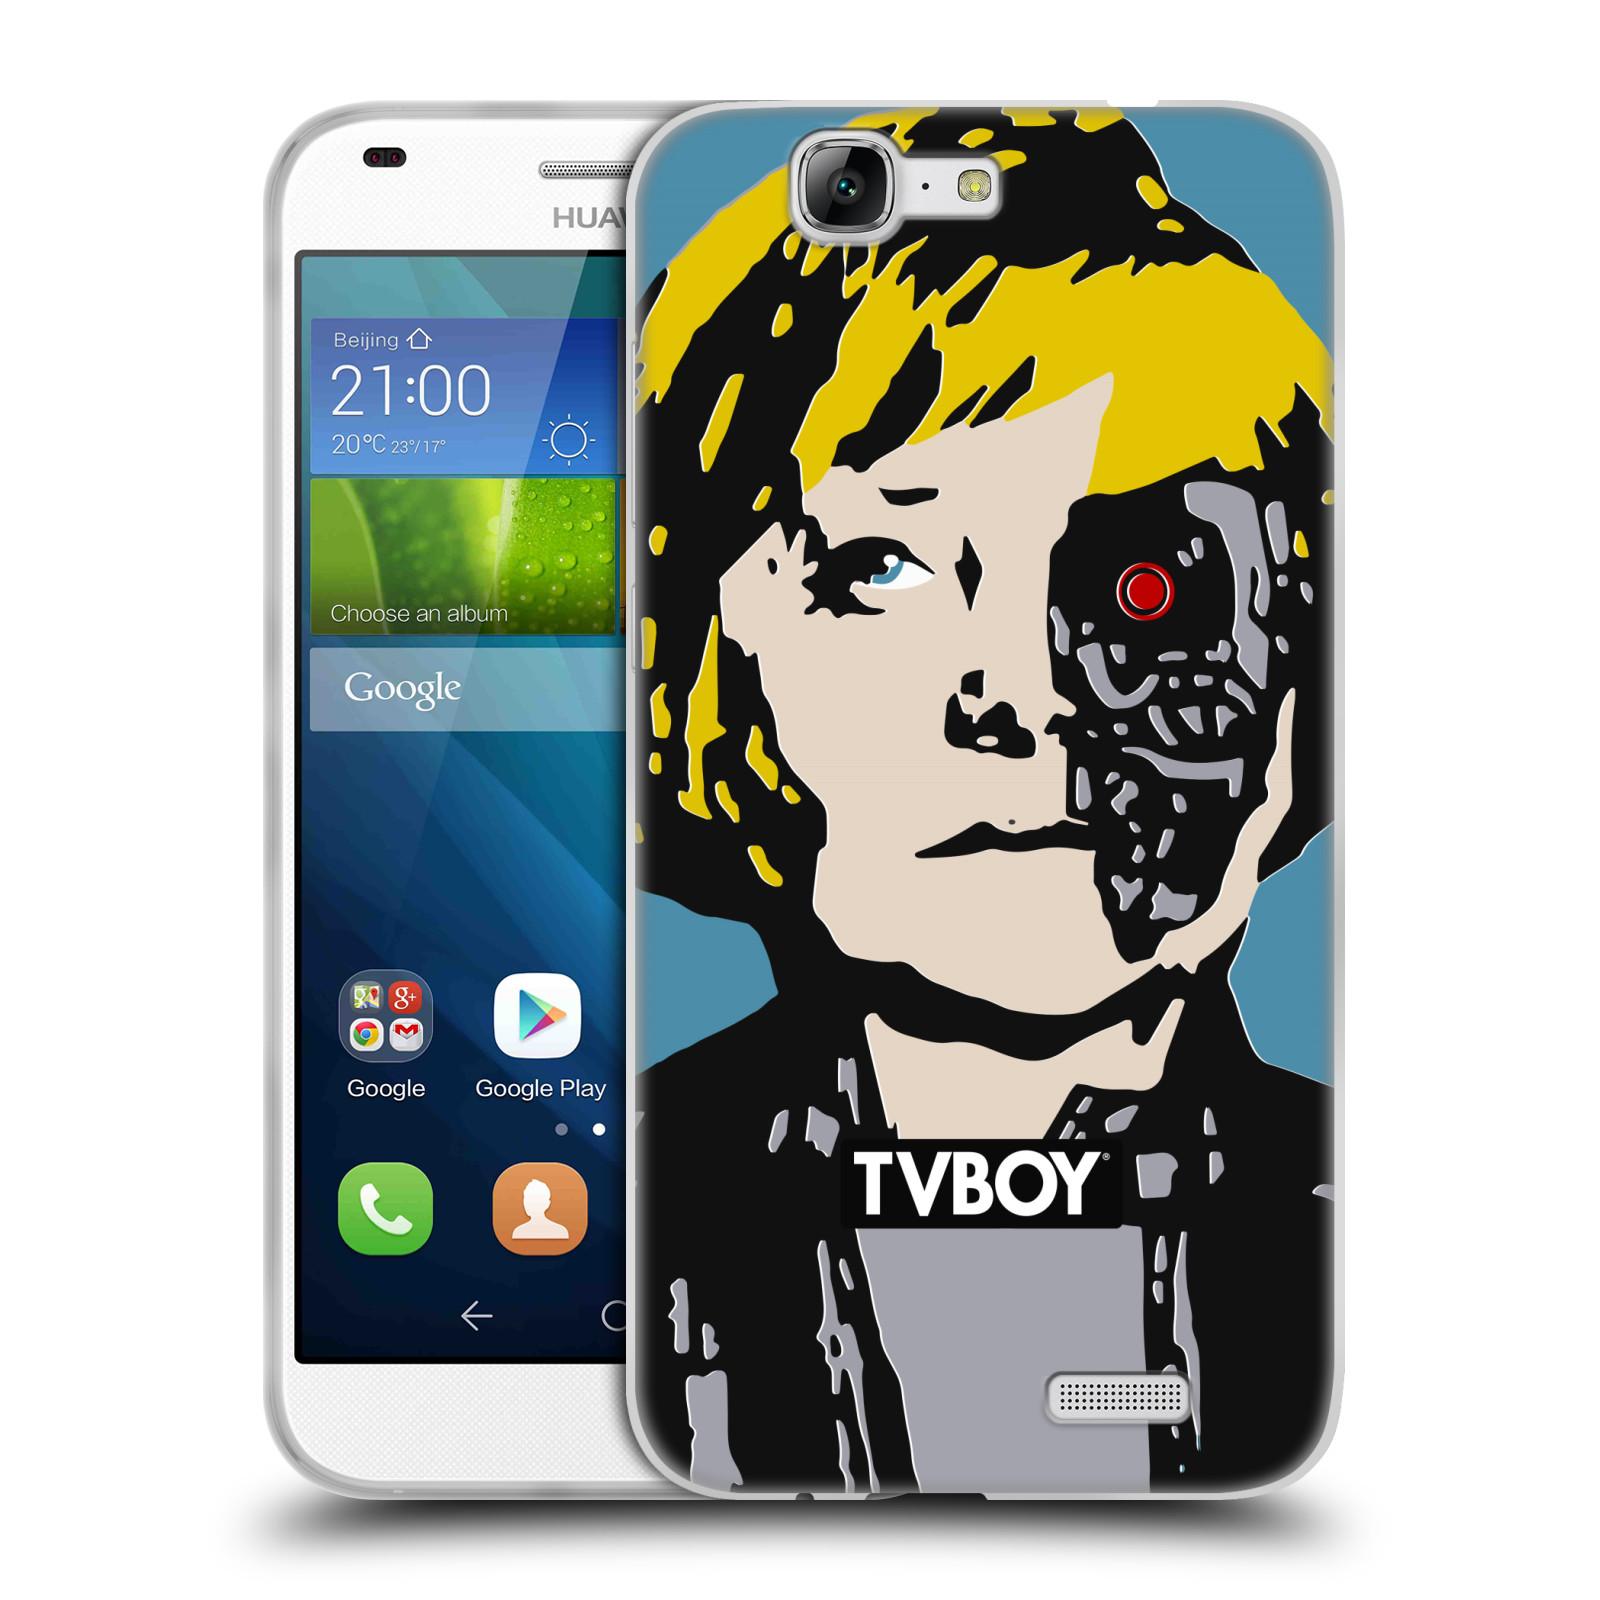 Silikonové pouzdro na mobil Huawei Ascend G7 HEAD CASE - TVBOY - Merkenator - Angela Merkelová (Silikonový kryt či obal na mobilní telefon s licencovaným motivem TVBOY pro Huawei Ascend G7)